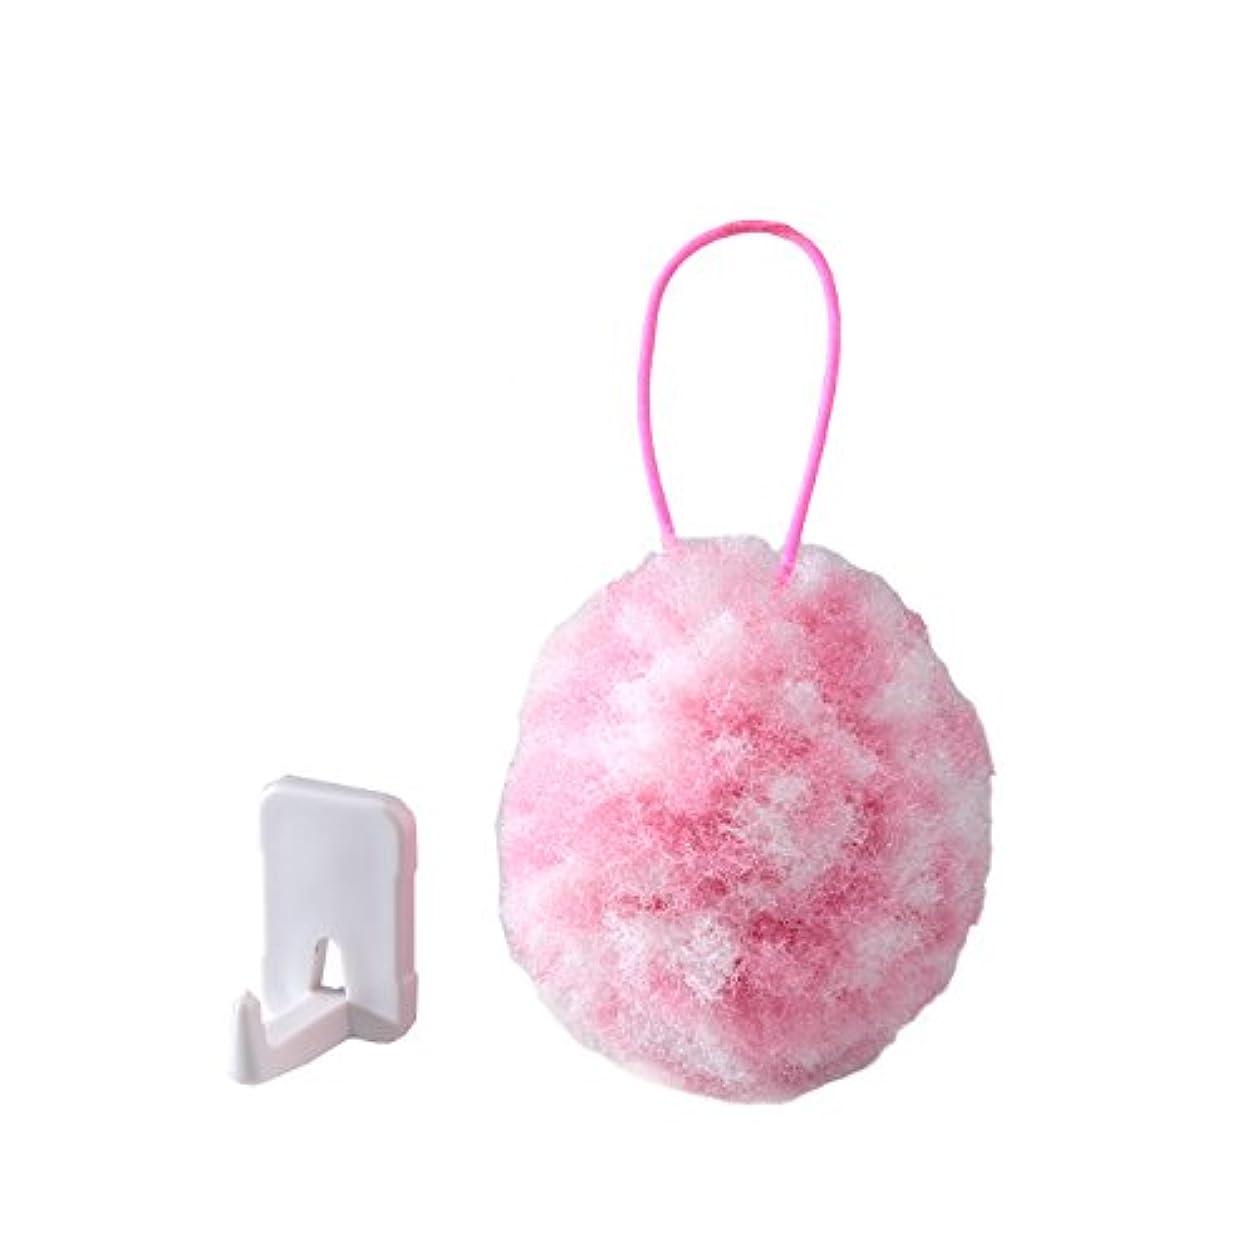 膨らませる効果的スピンサンコー 手洗いブラシ びっくりフレッシュ ピカピカ手洗いボール ピンク BF-35